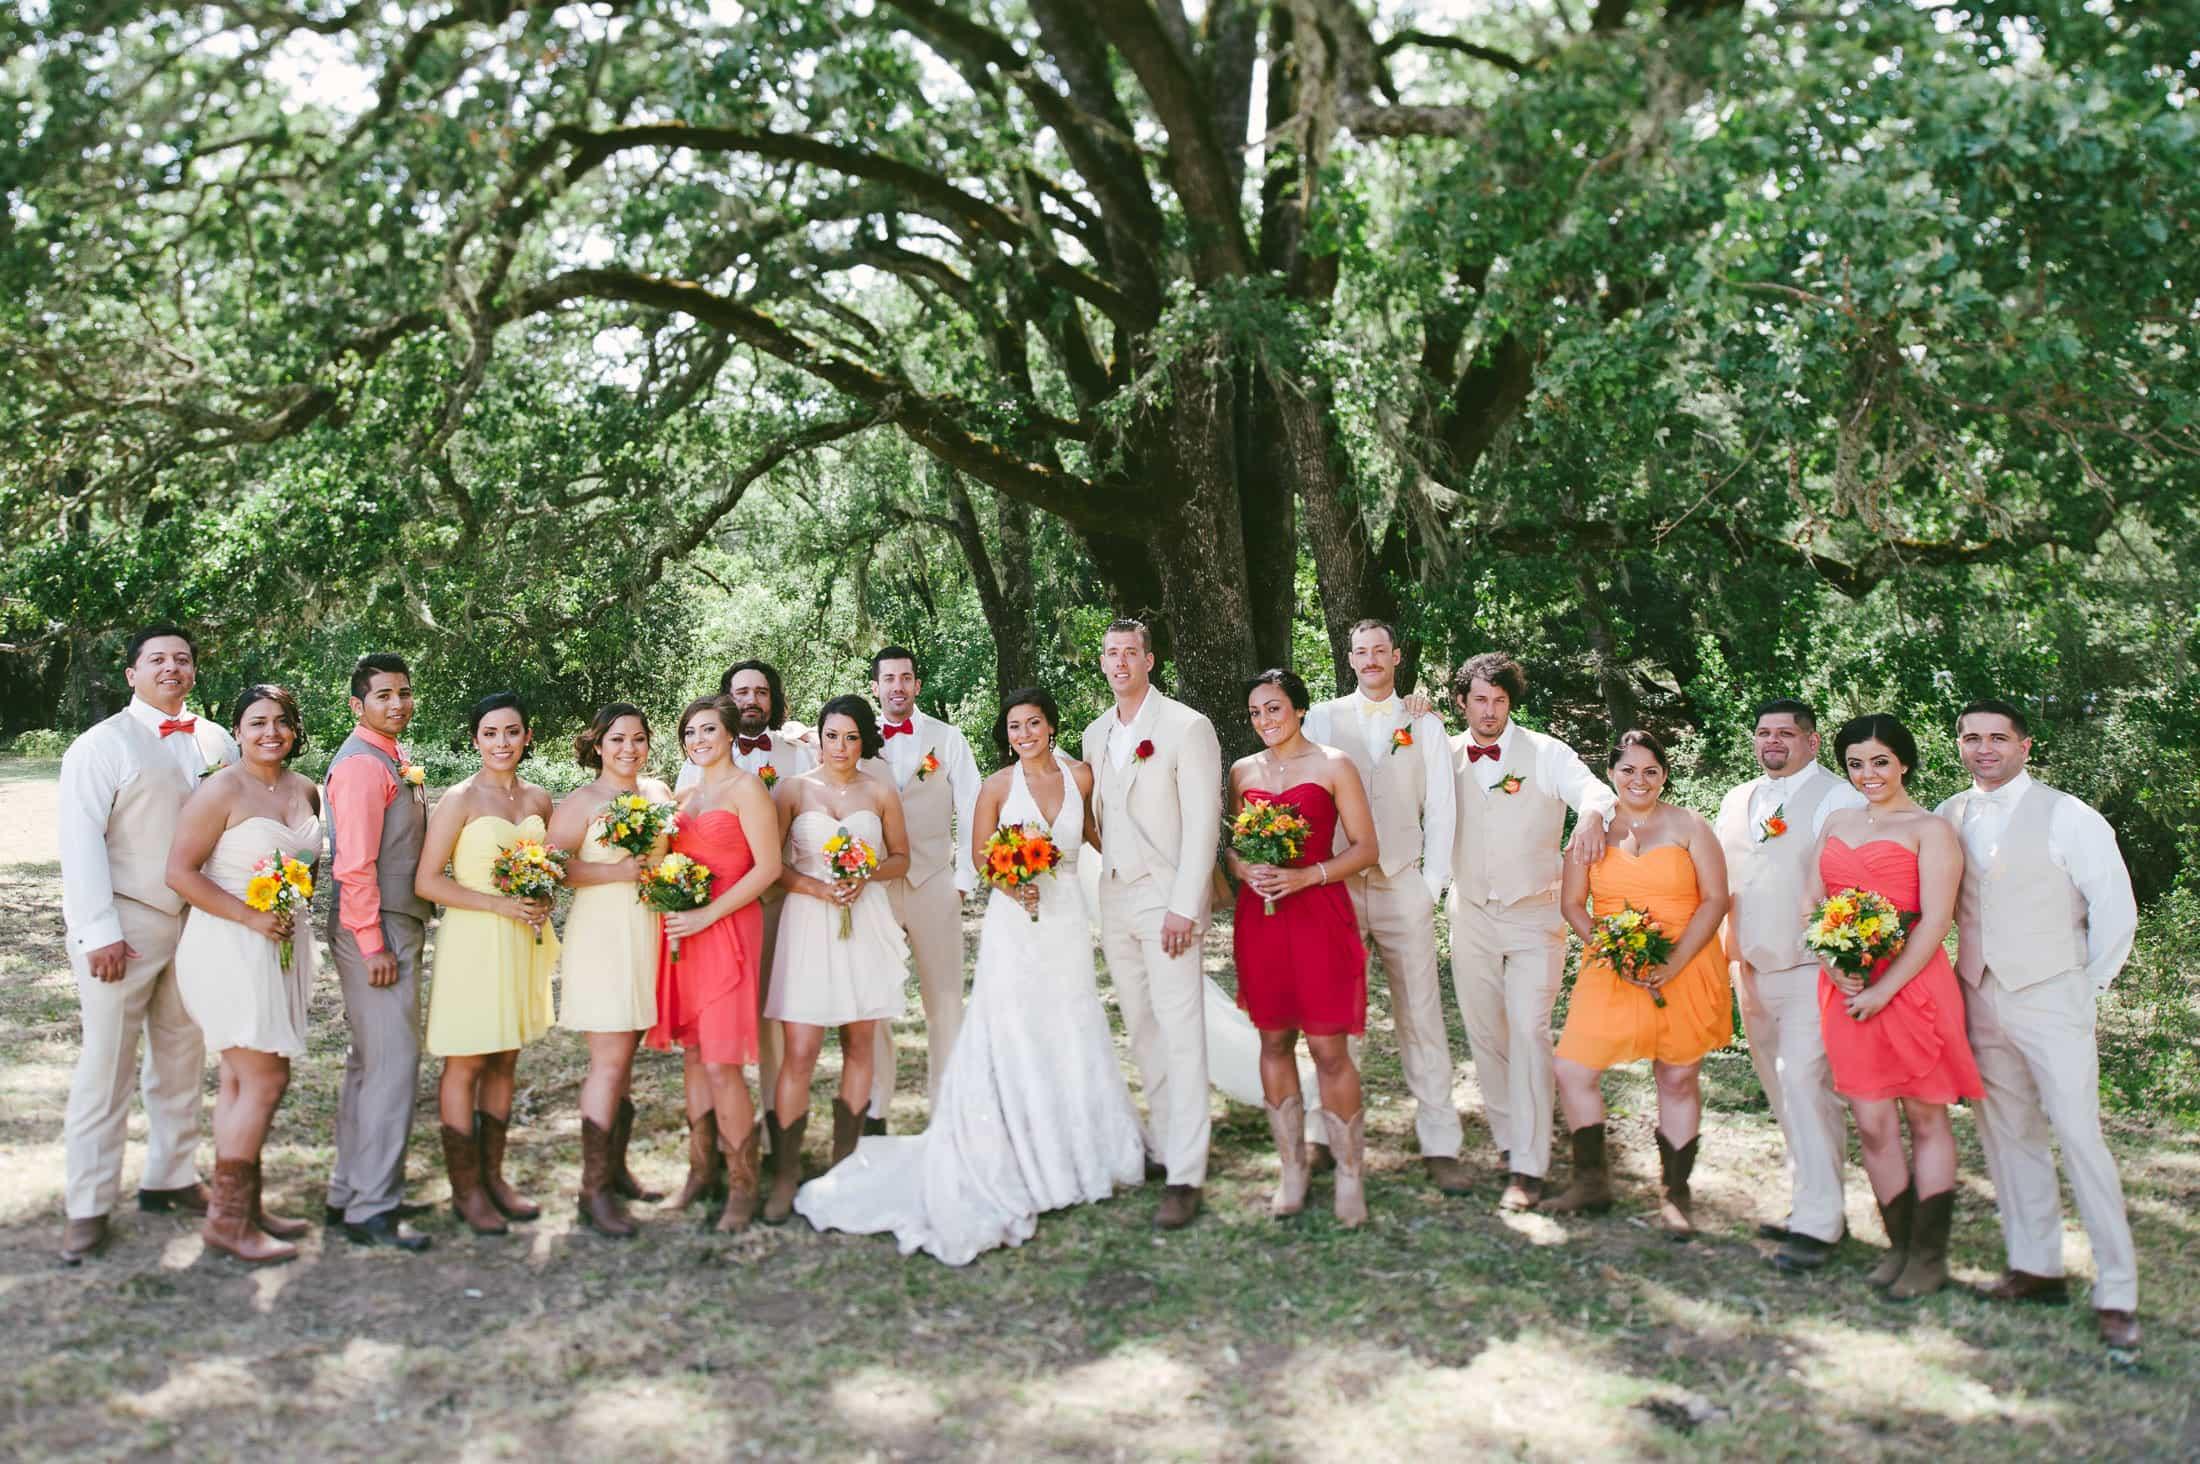 fun napa ranch wedding party image